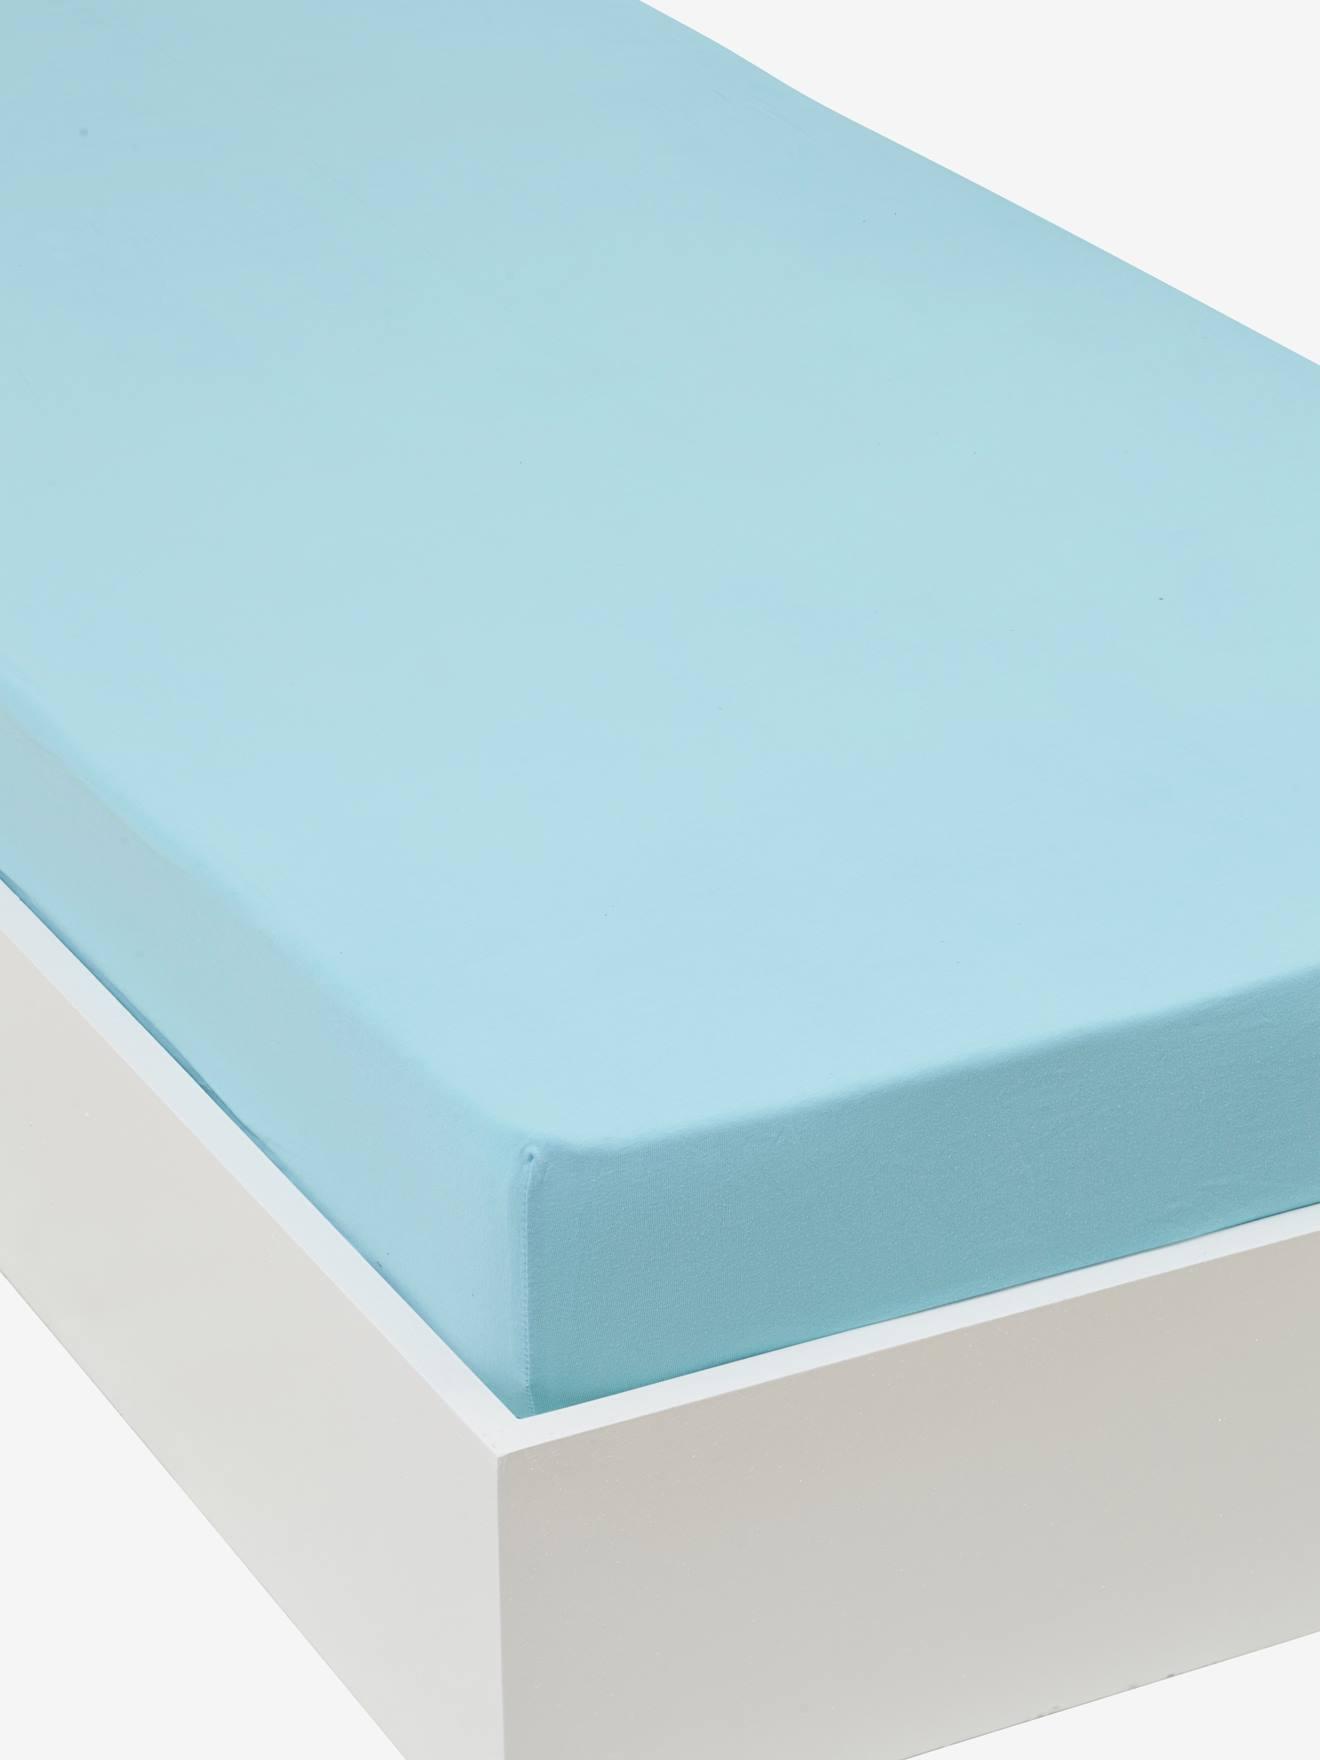 drap housse 110x190 amazing draphousse en pur lin lav la redoute interieurs with drap housse. Black Bedroom Furniture Sets. Home Design Ideas